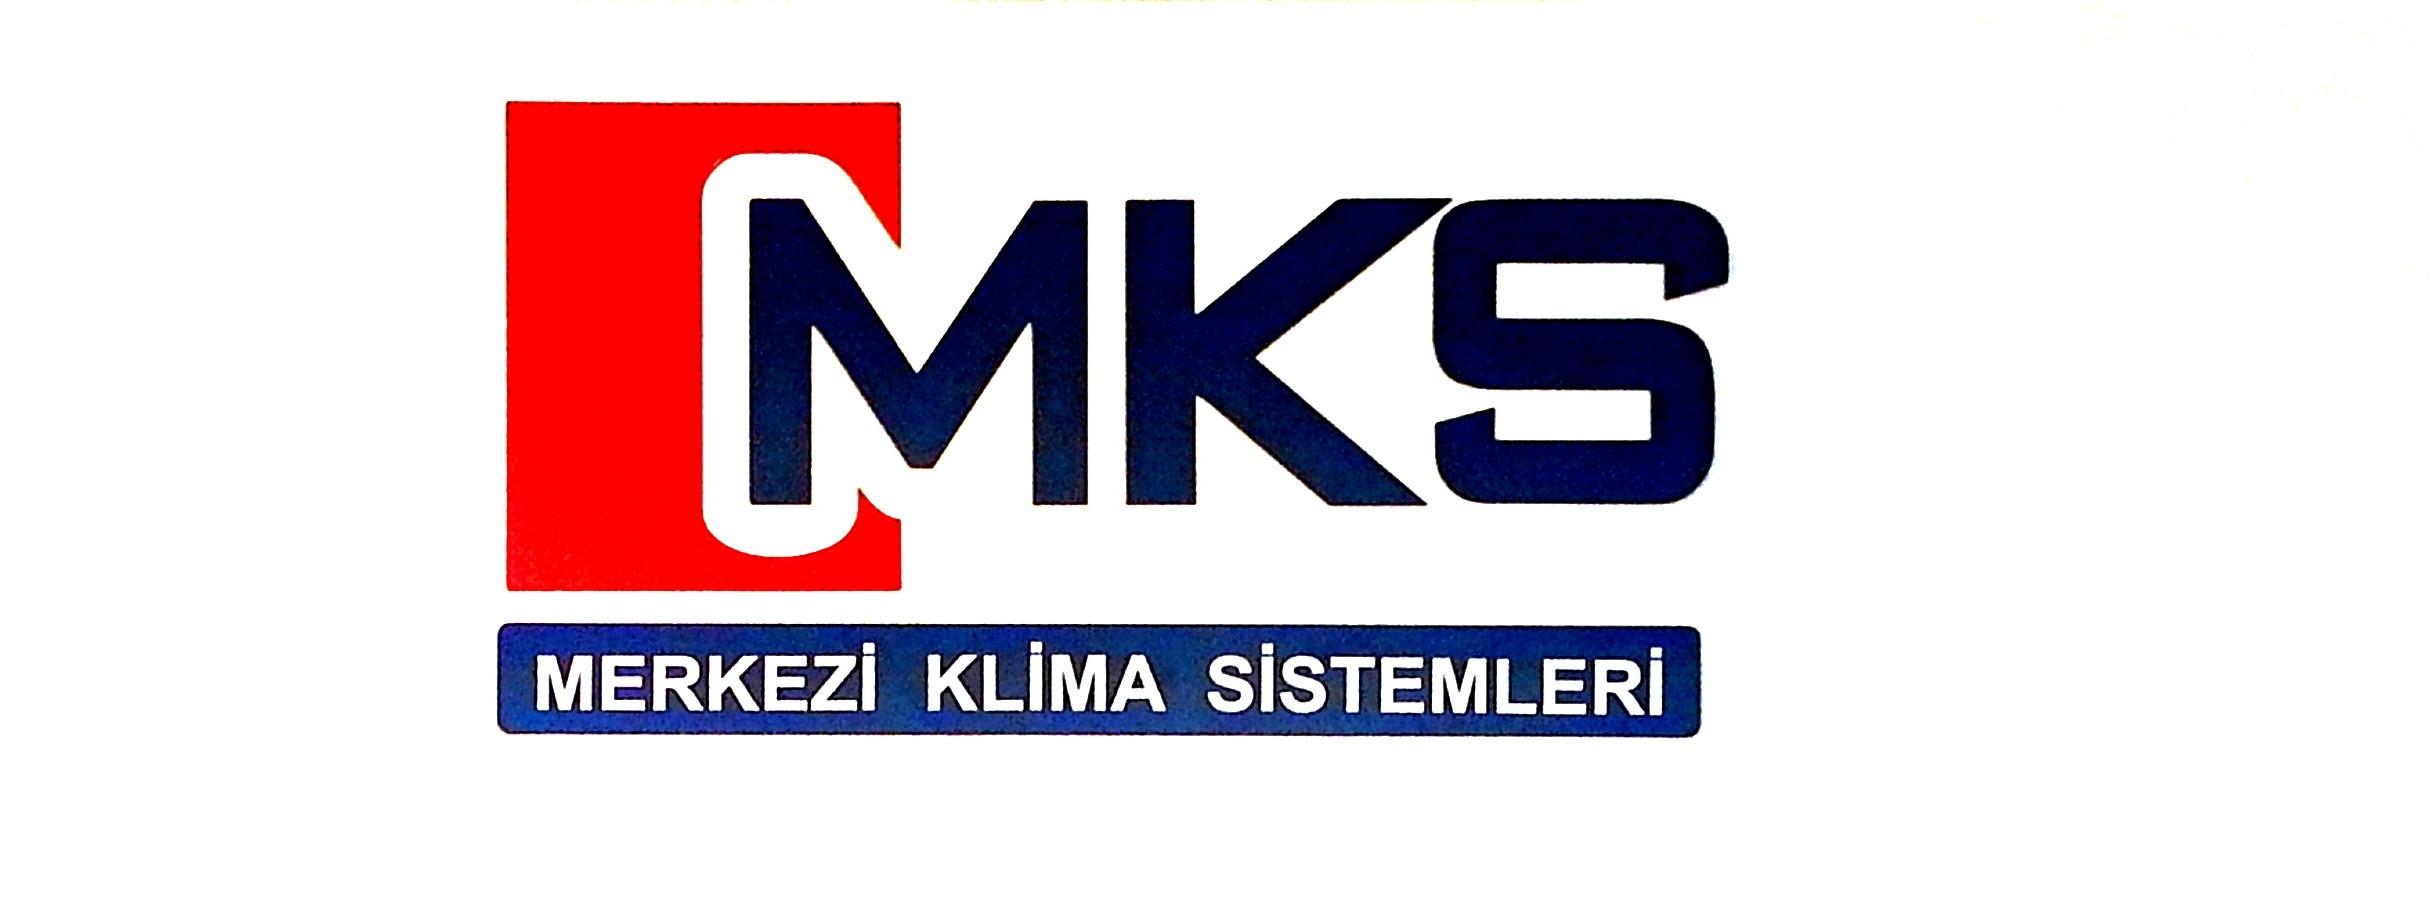 Mks Klima iş ilanları